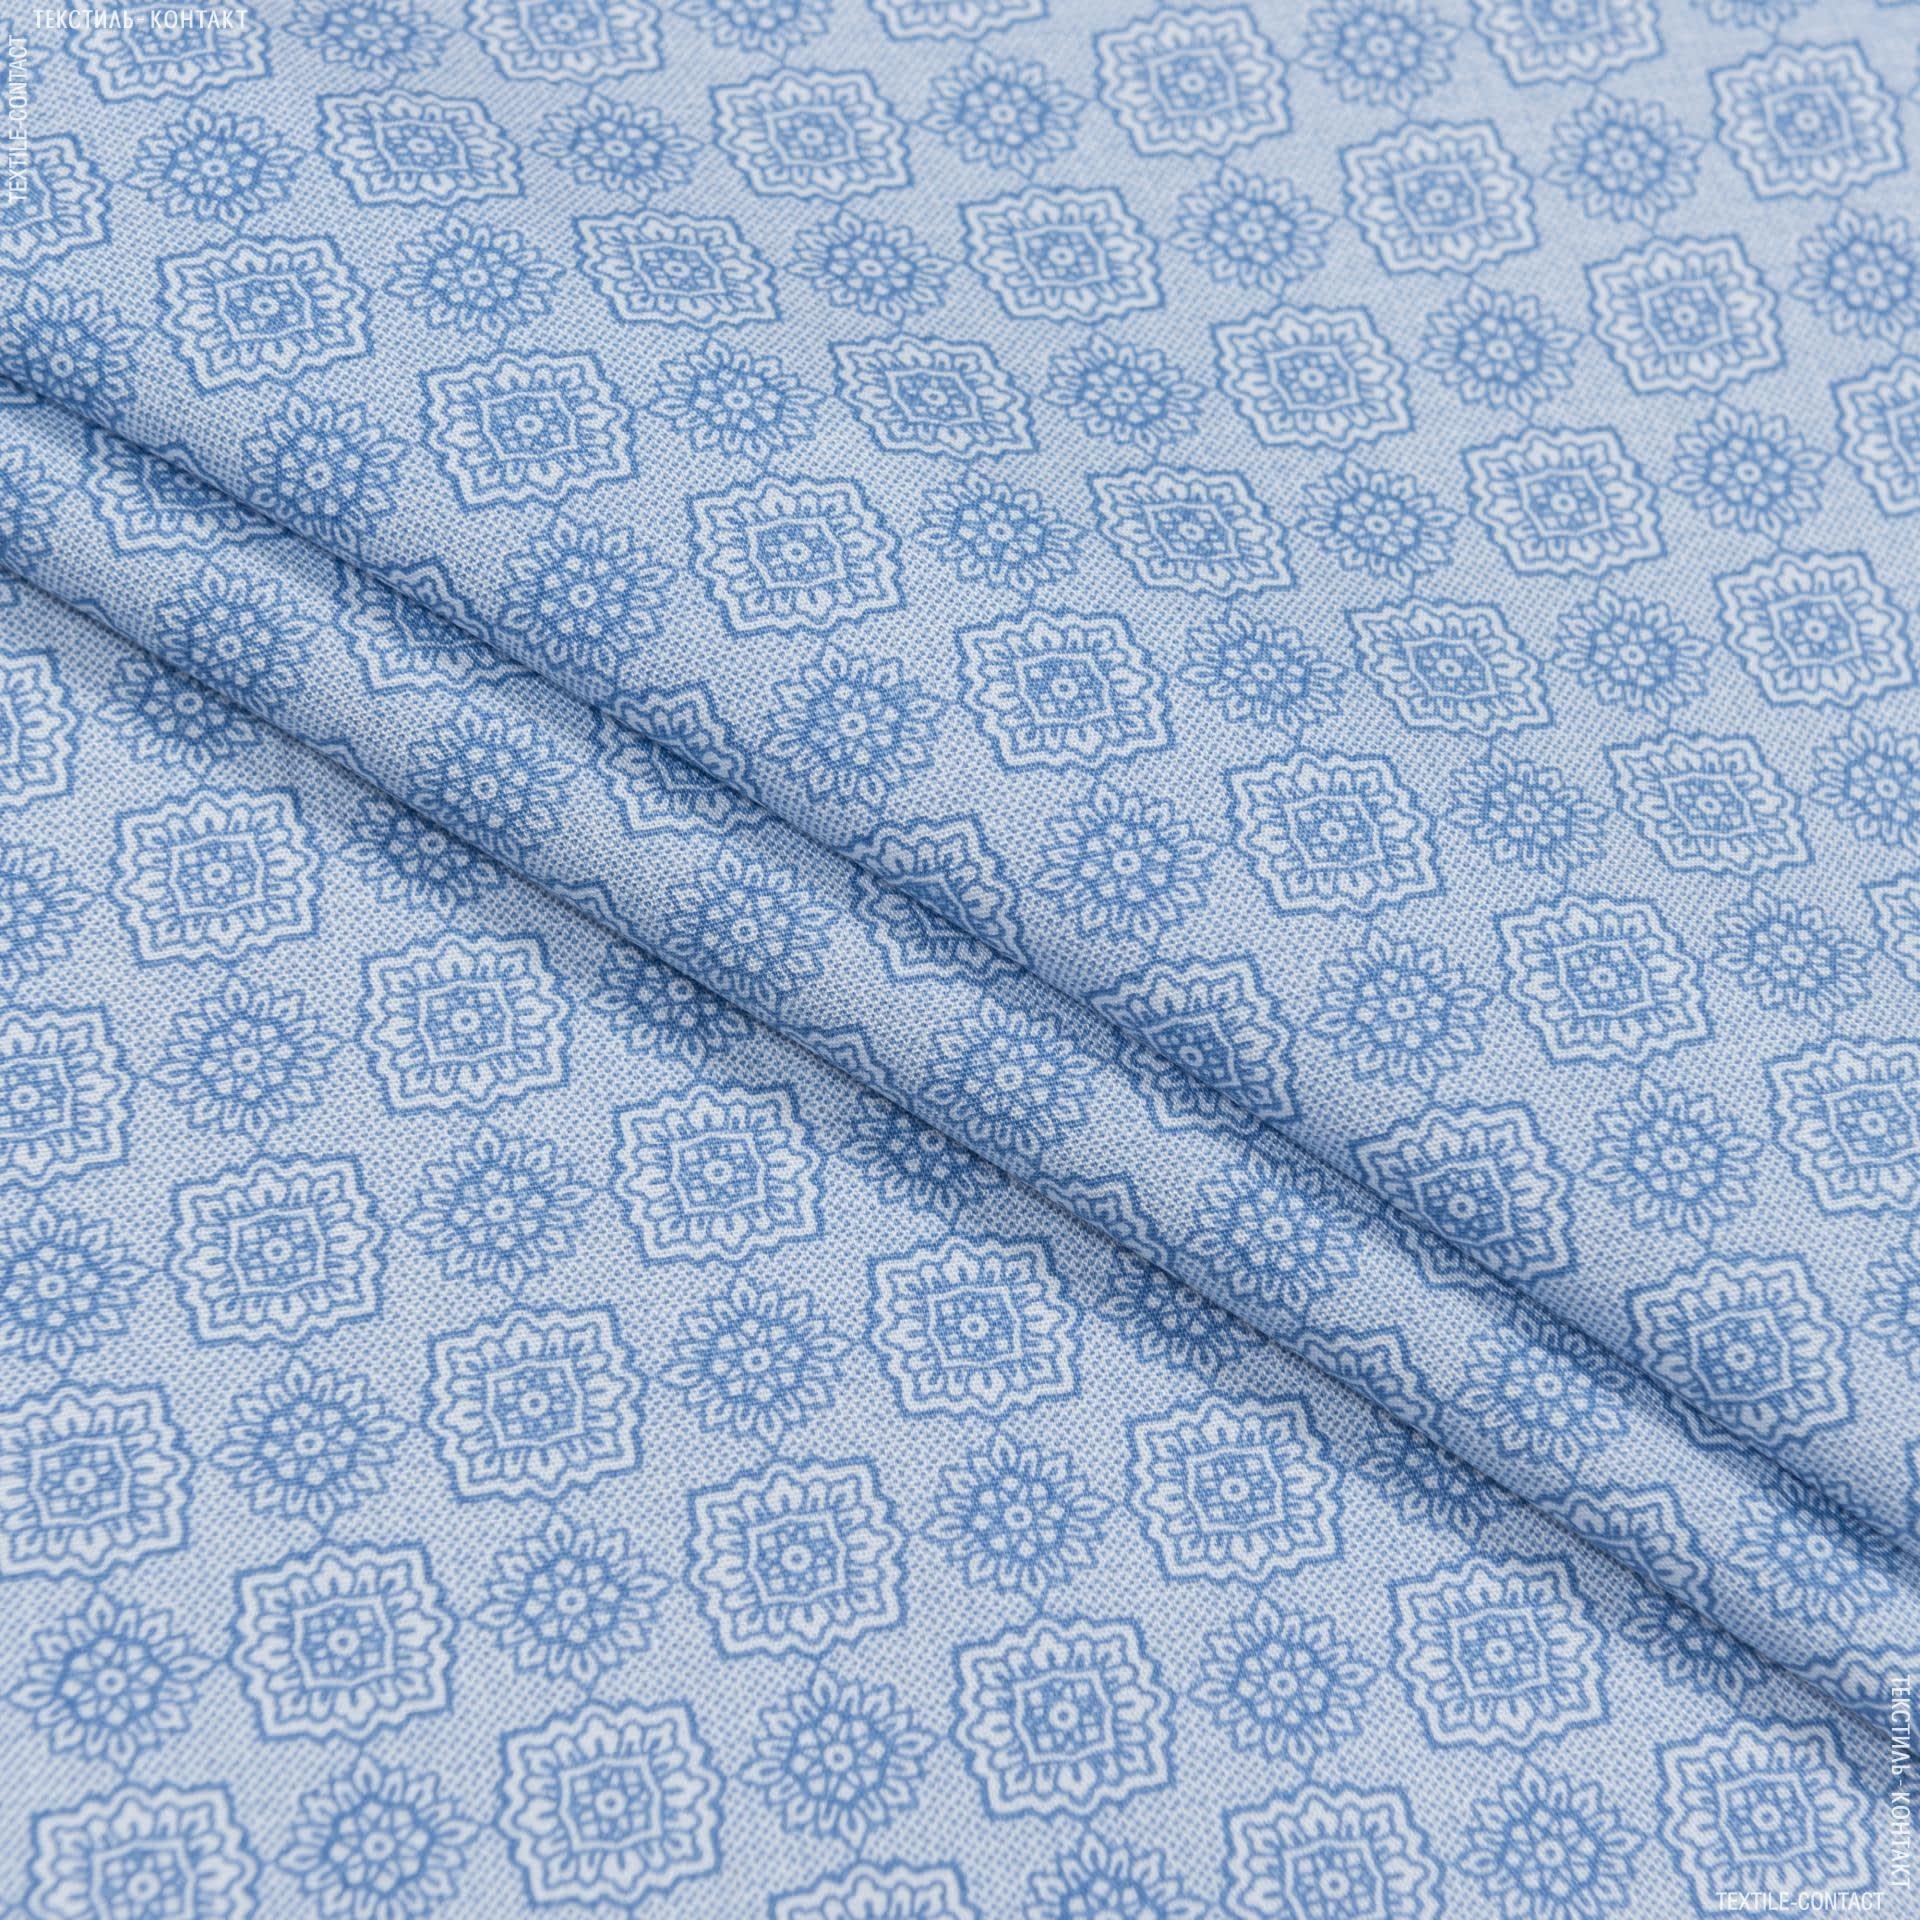 Тканини для хусток та бандан - Сорочкова tessitrama принт сіро-блакитний